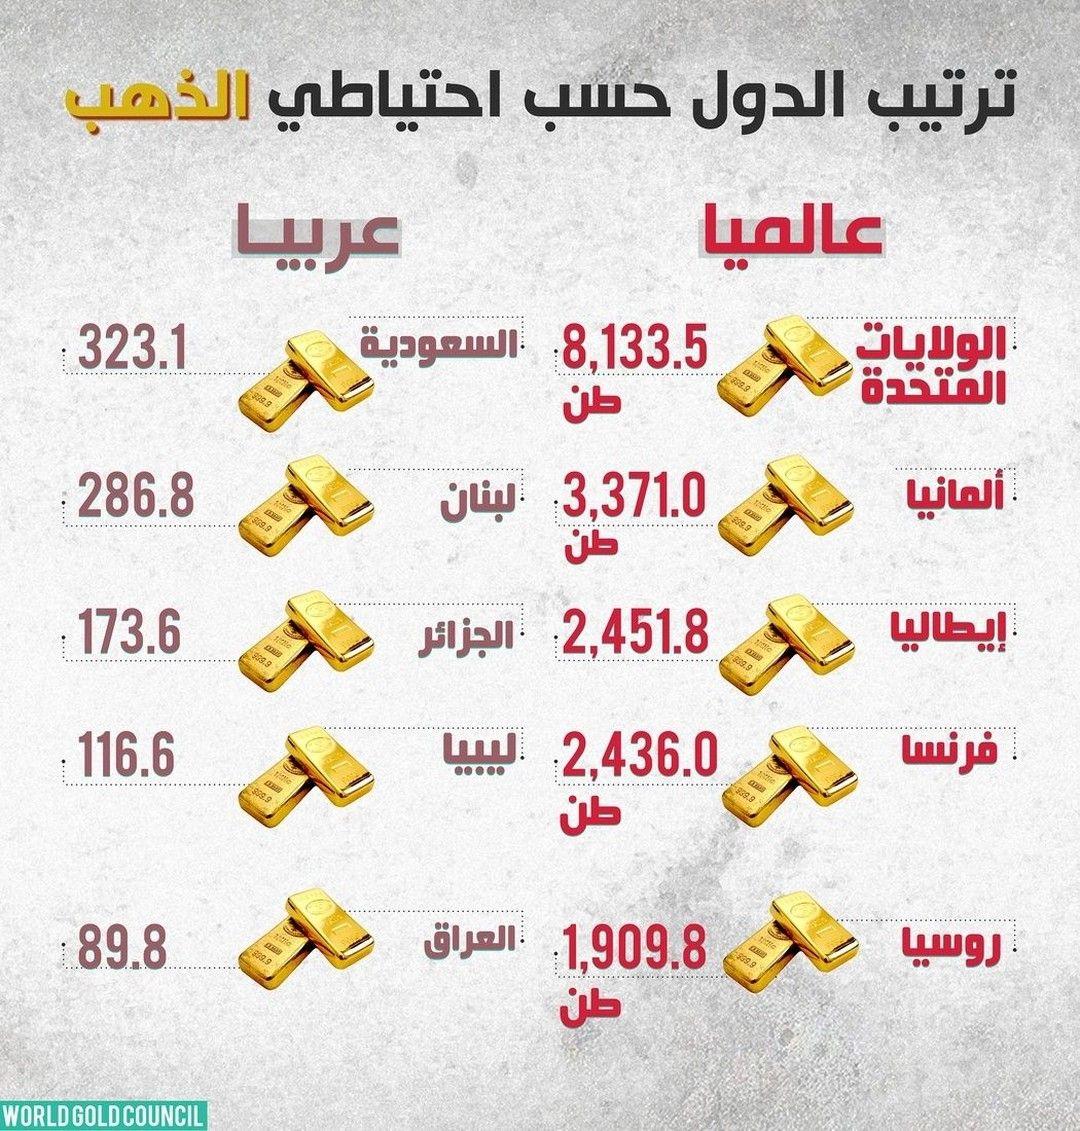 احتياطي الذهب الولايات المتحدة وألمانيا في المقدمة ذهب احتياطي الذهب الترتيب العالمي الولايات المتحدة ألمانيا إيطاليا فرنسا روسيا السعودية لبنان ال